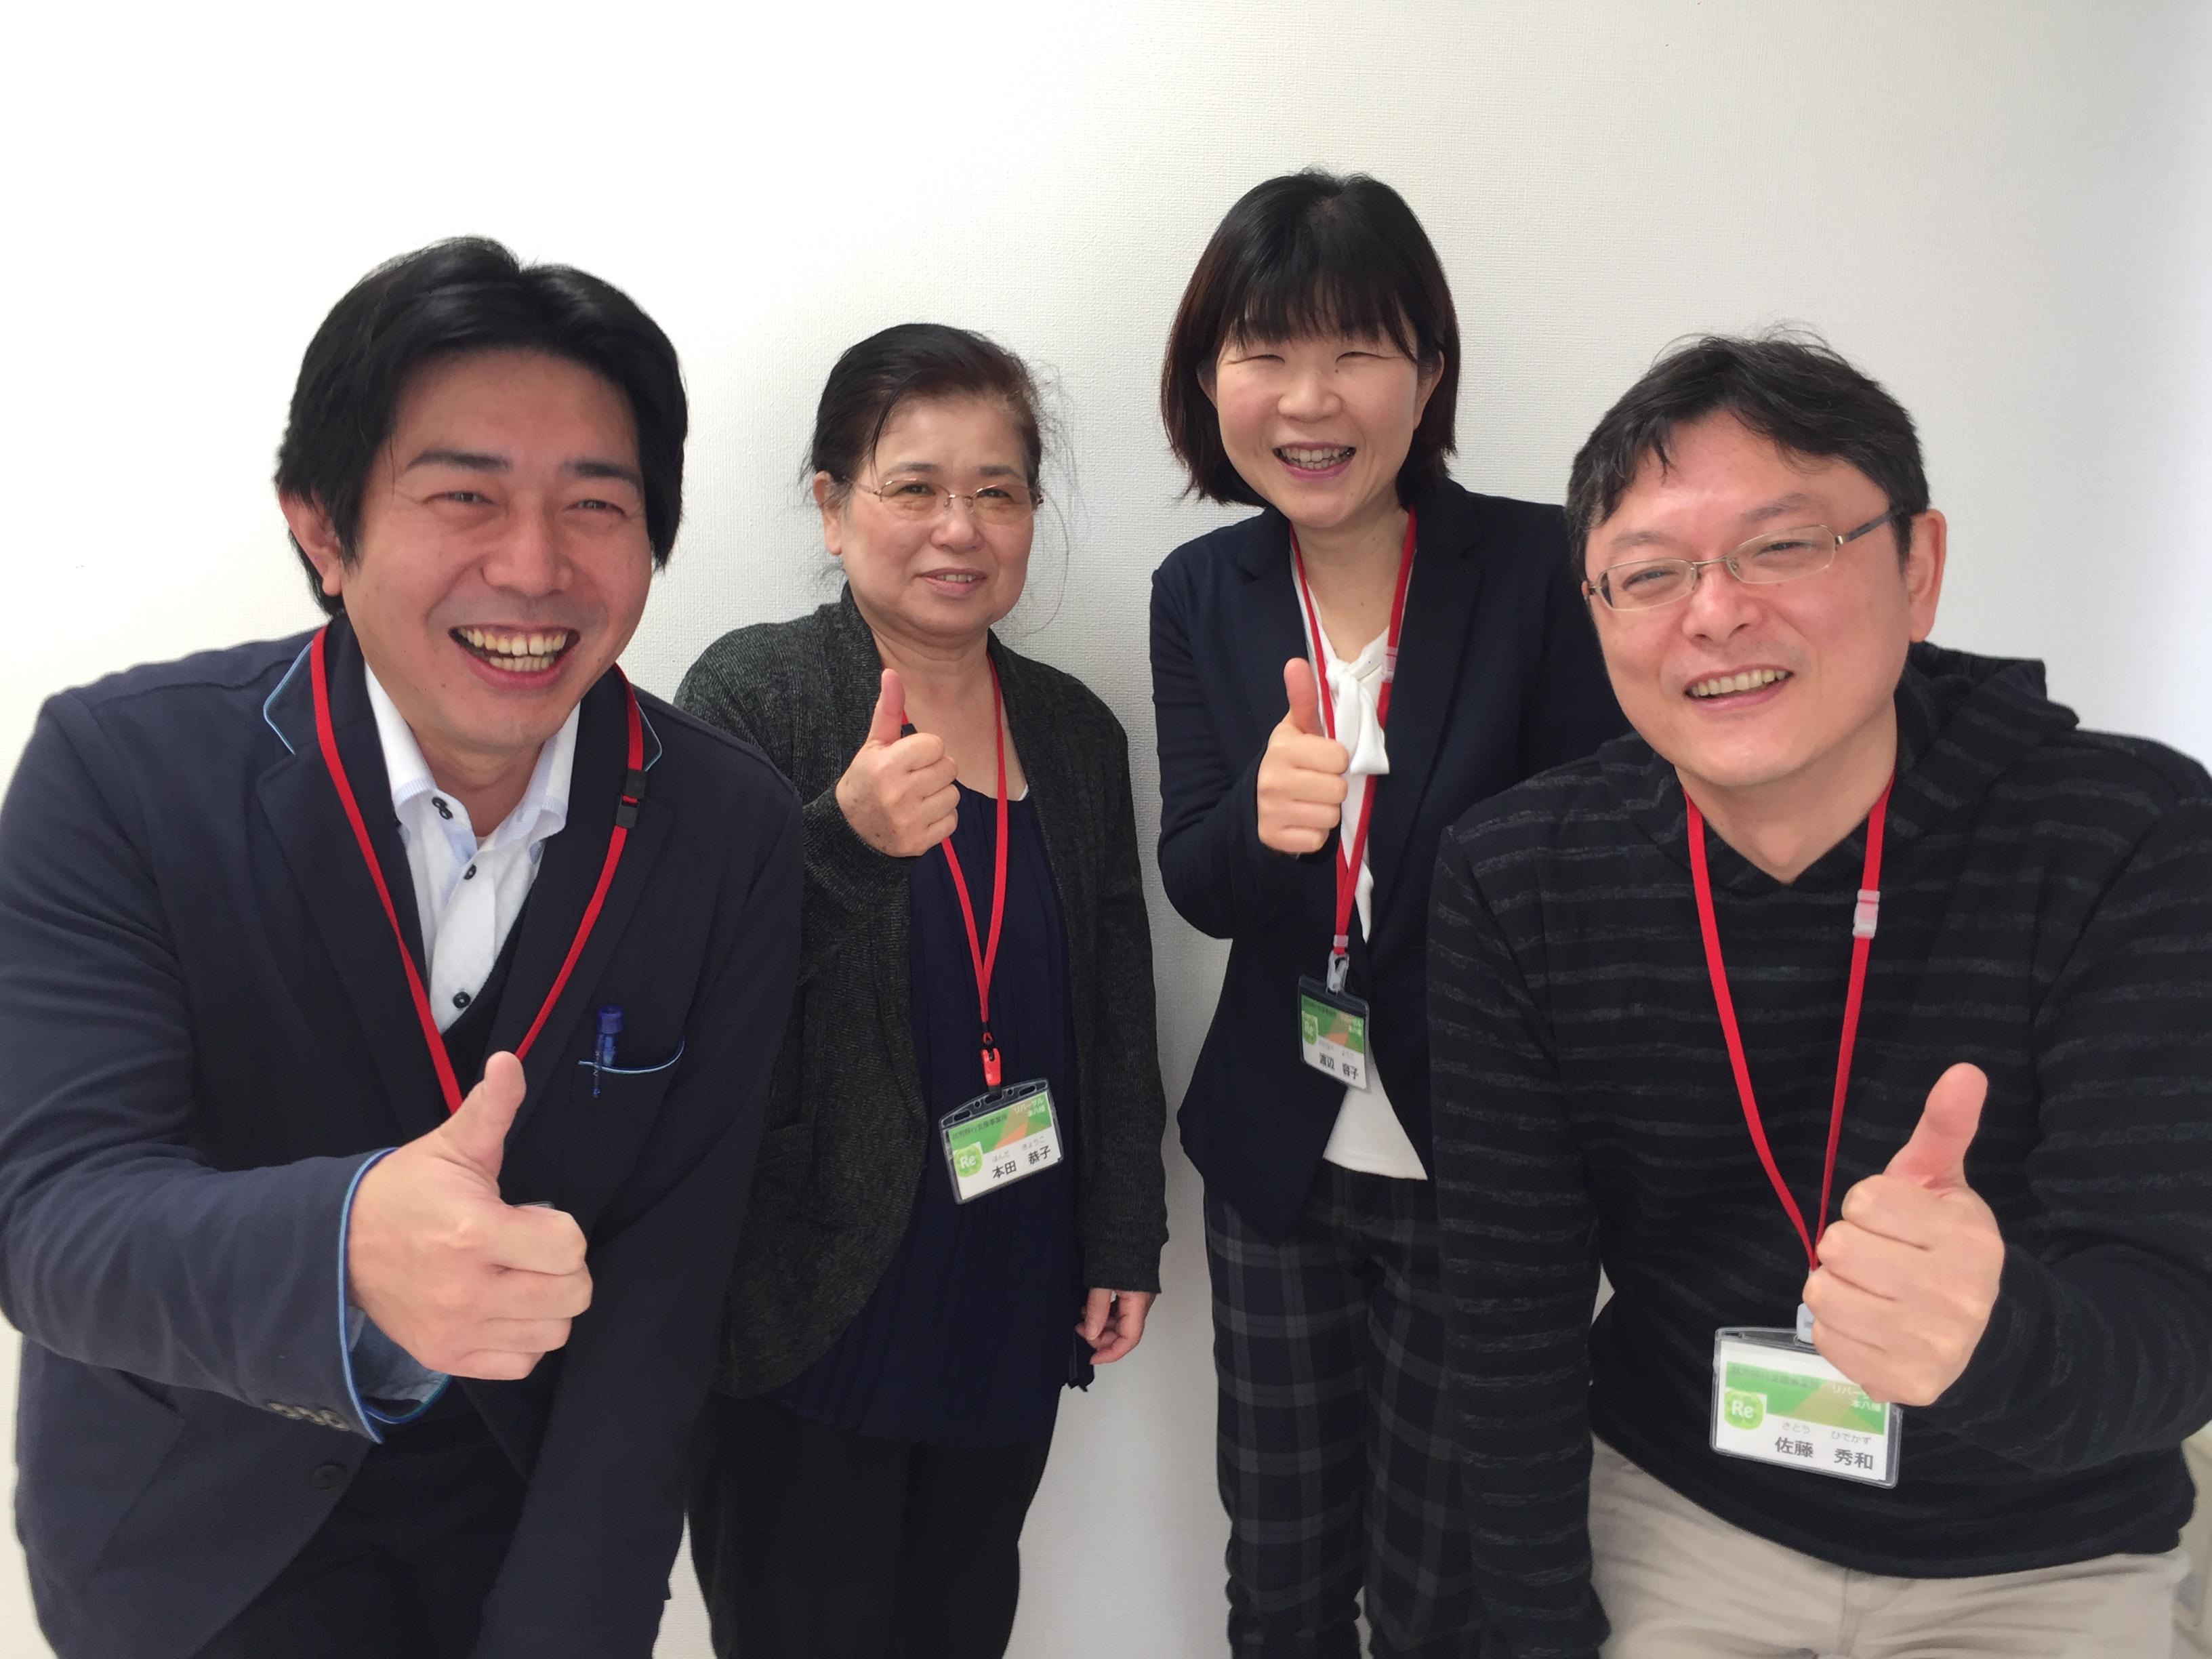 就労移行支援事業所リバーサル 本八幡のスタッフ